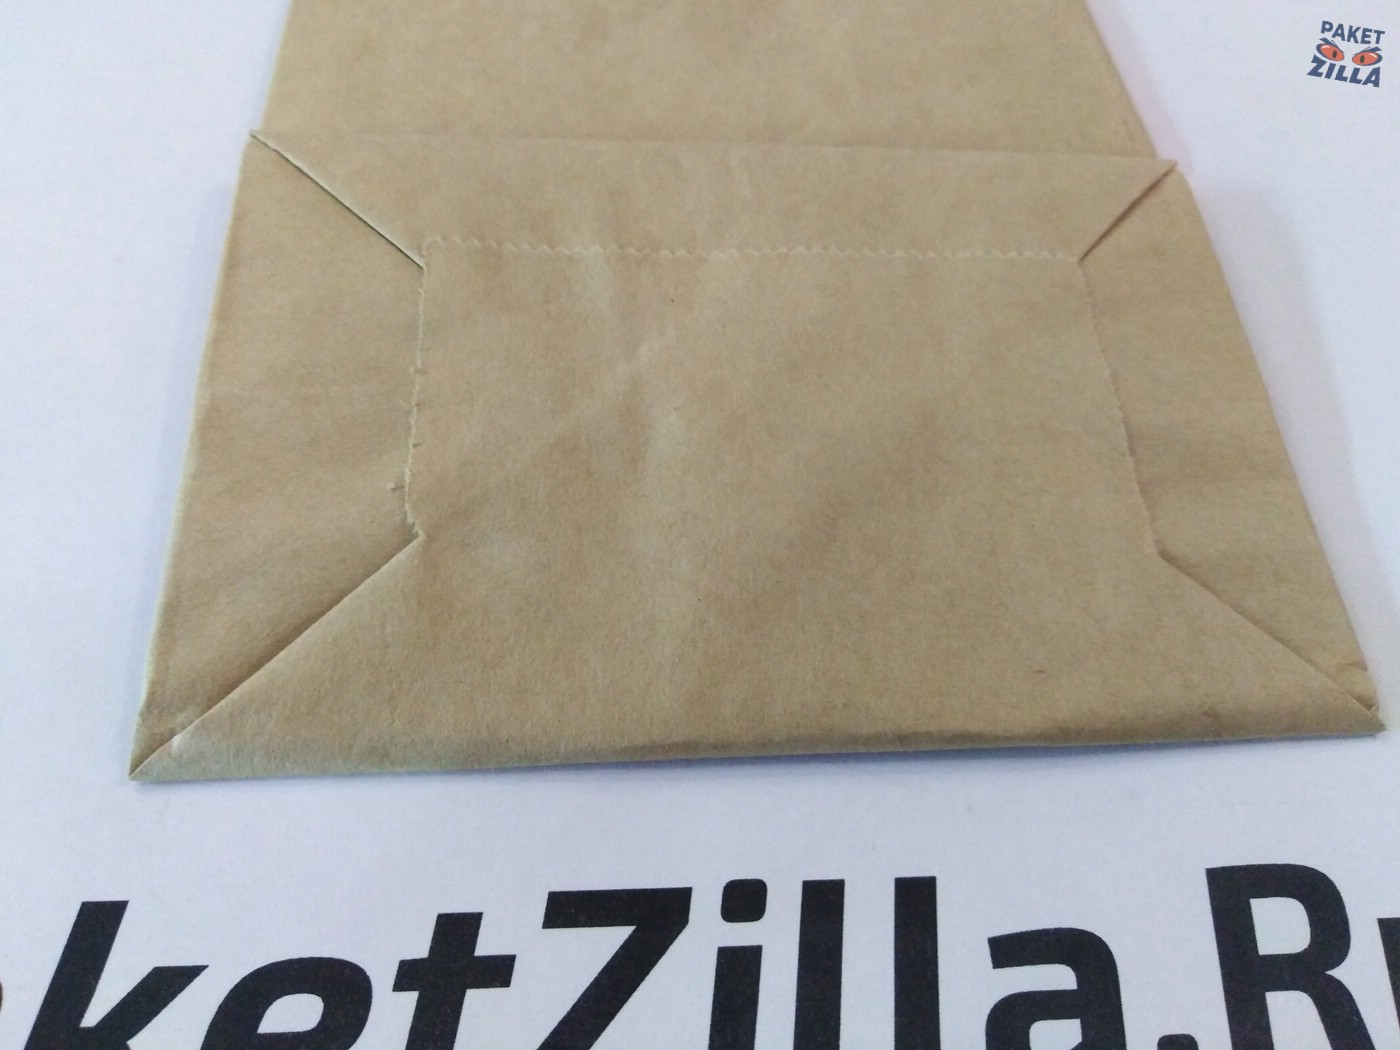 Крафт пакет 250 х 120 х 80 с круглым окном. 2-х слойный. 4.